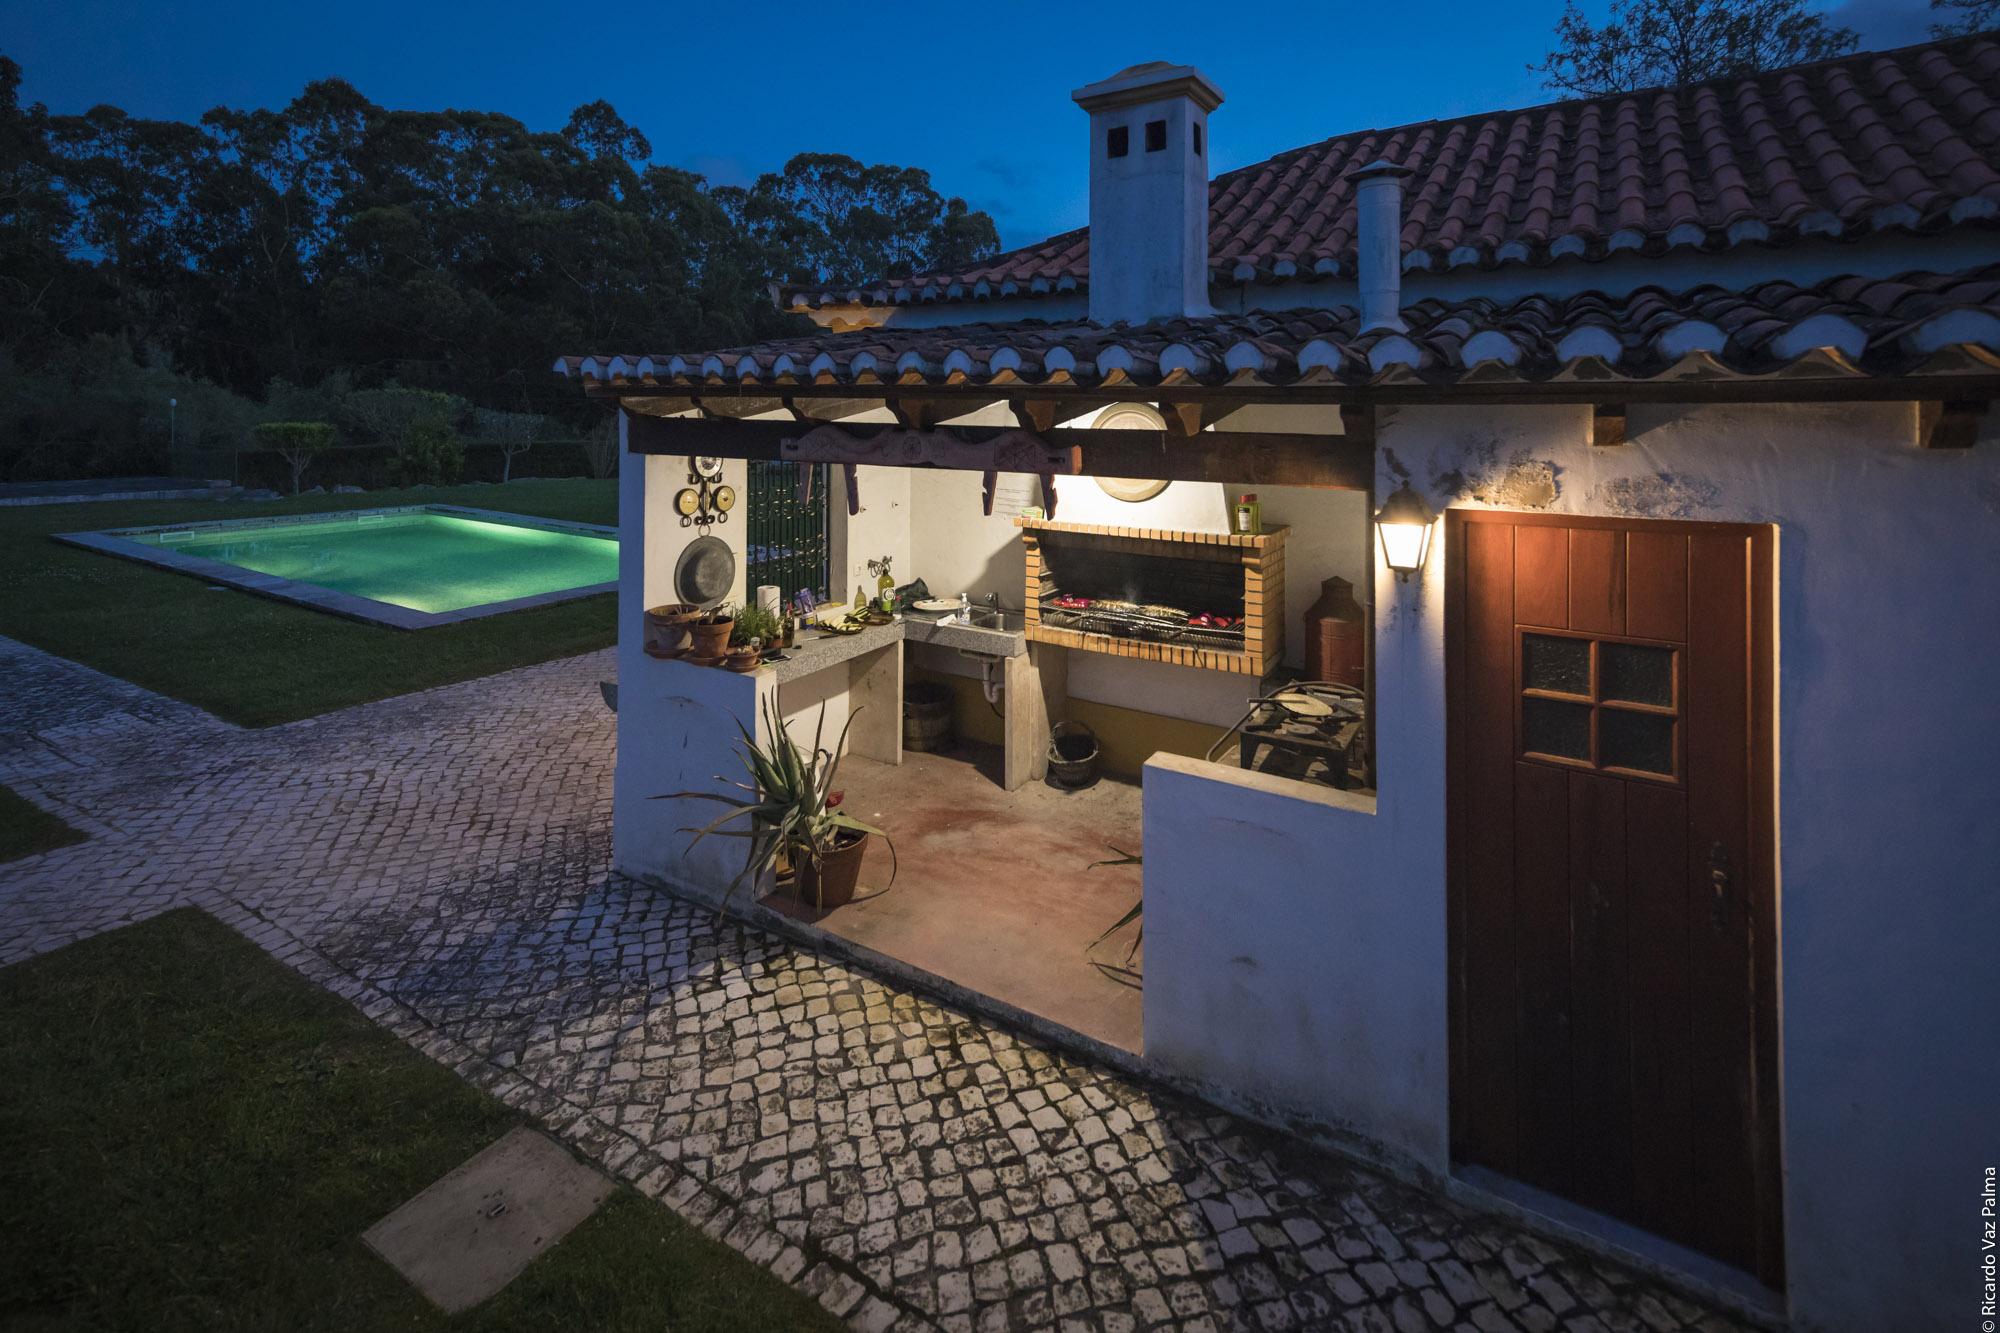 Barbecue et piscine la nuit